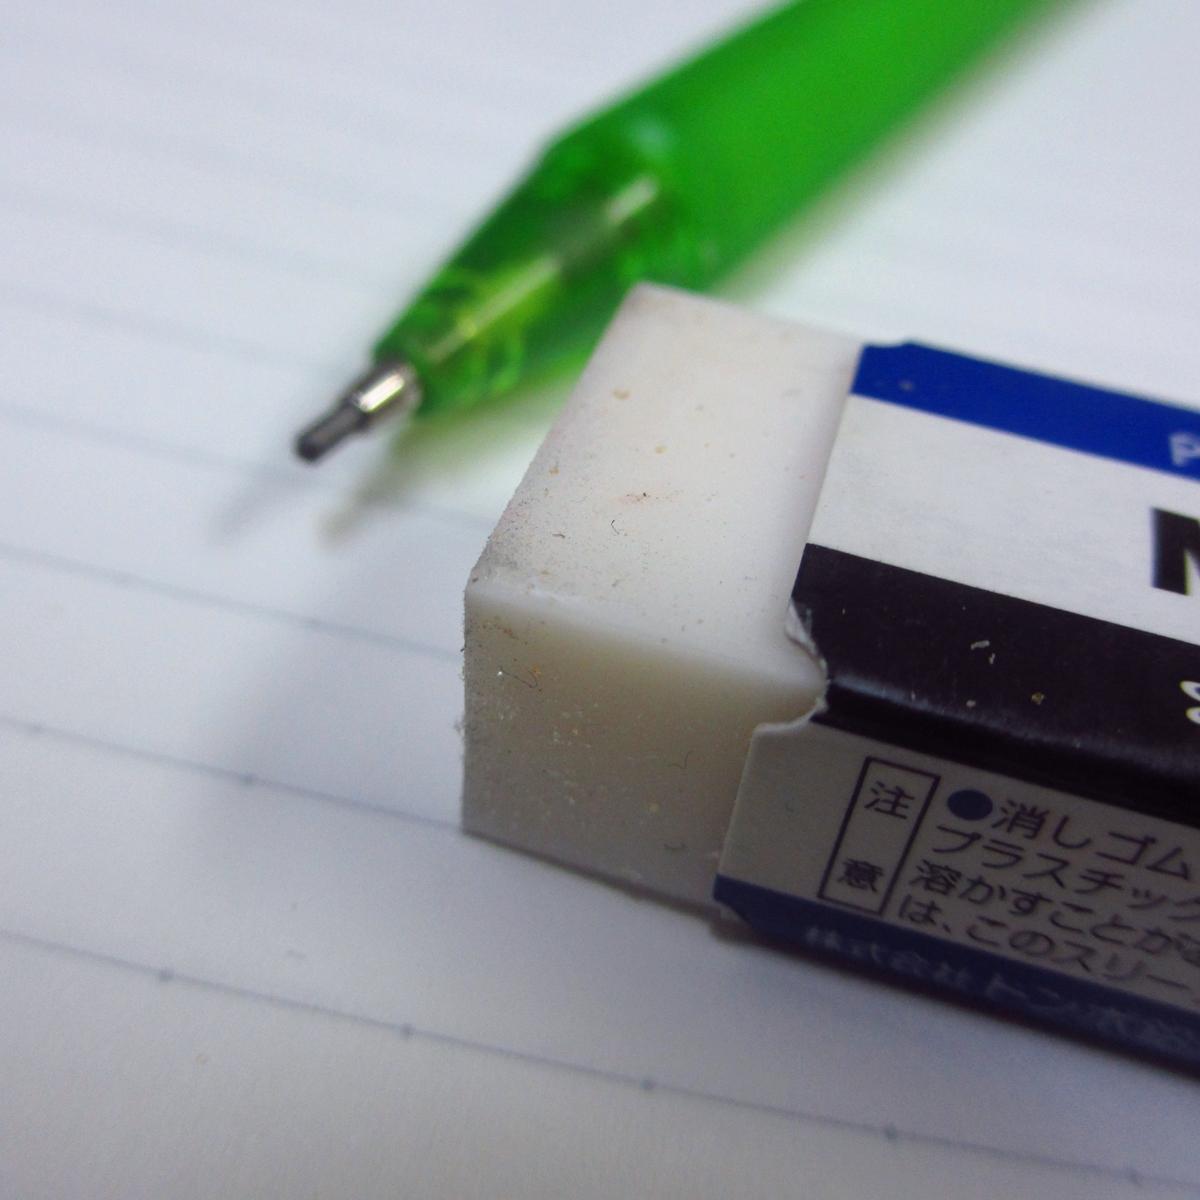 シャーペンと消しゴムとノート20150704 (4)